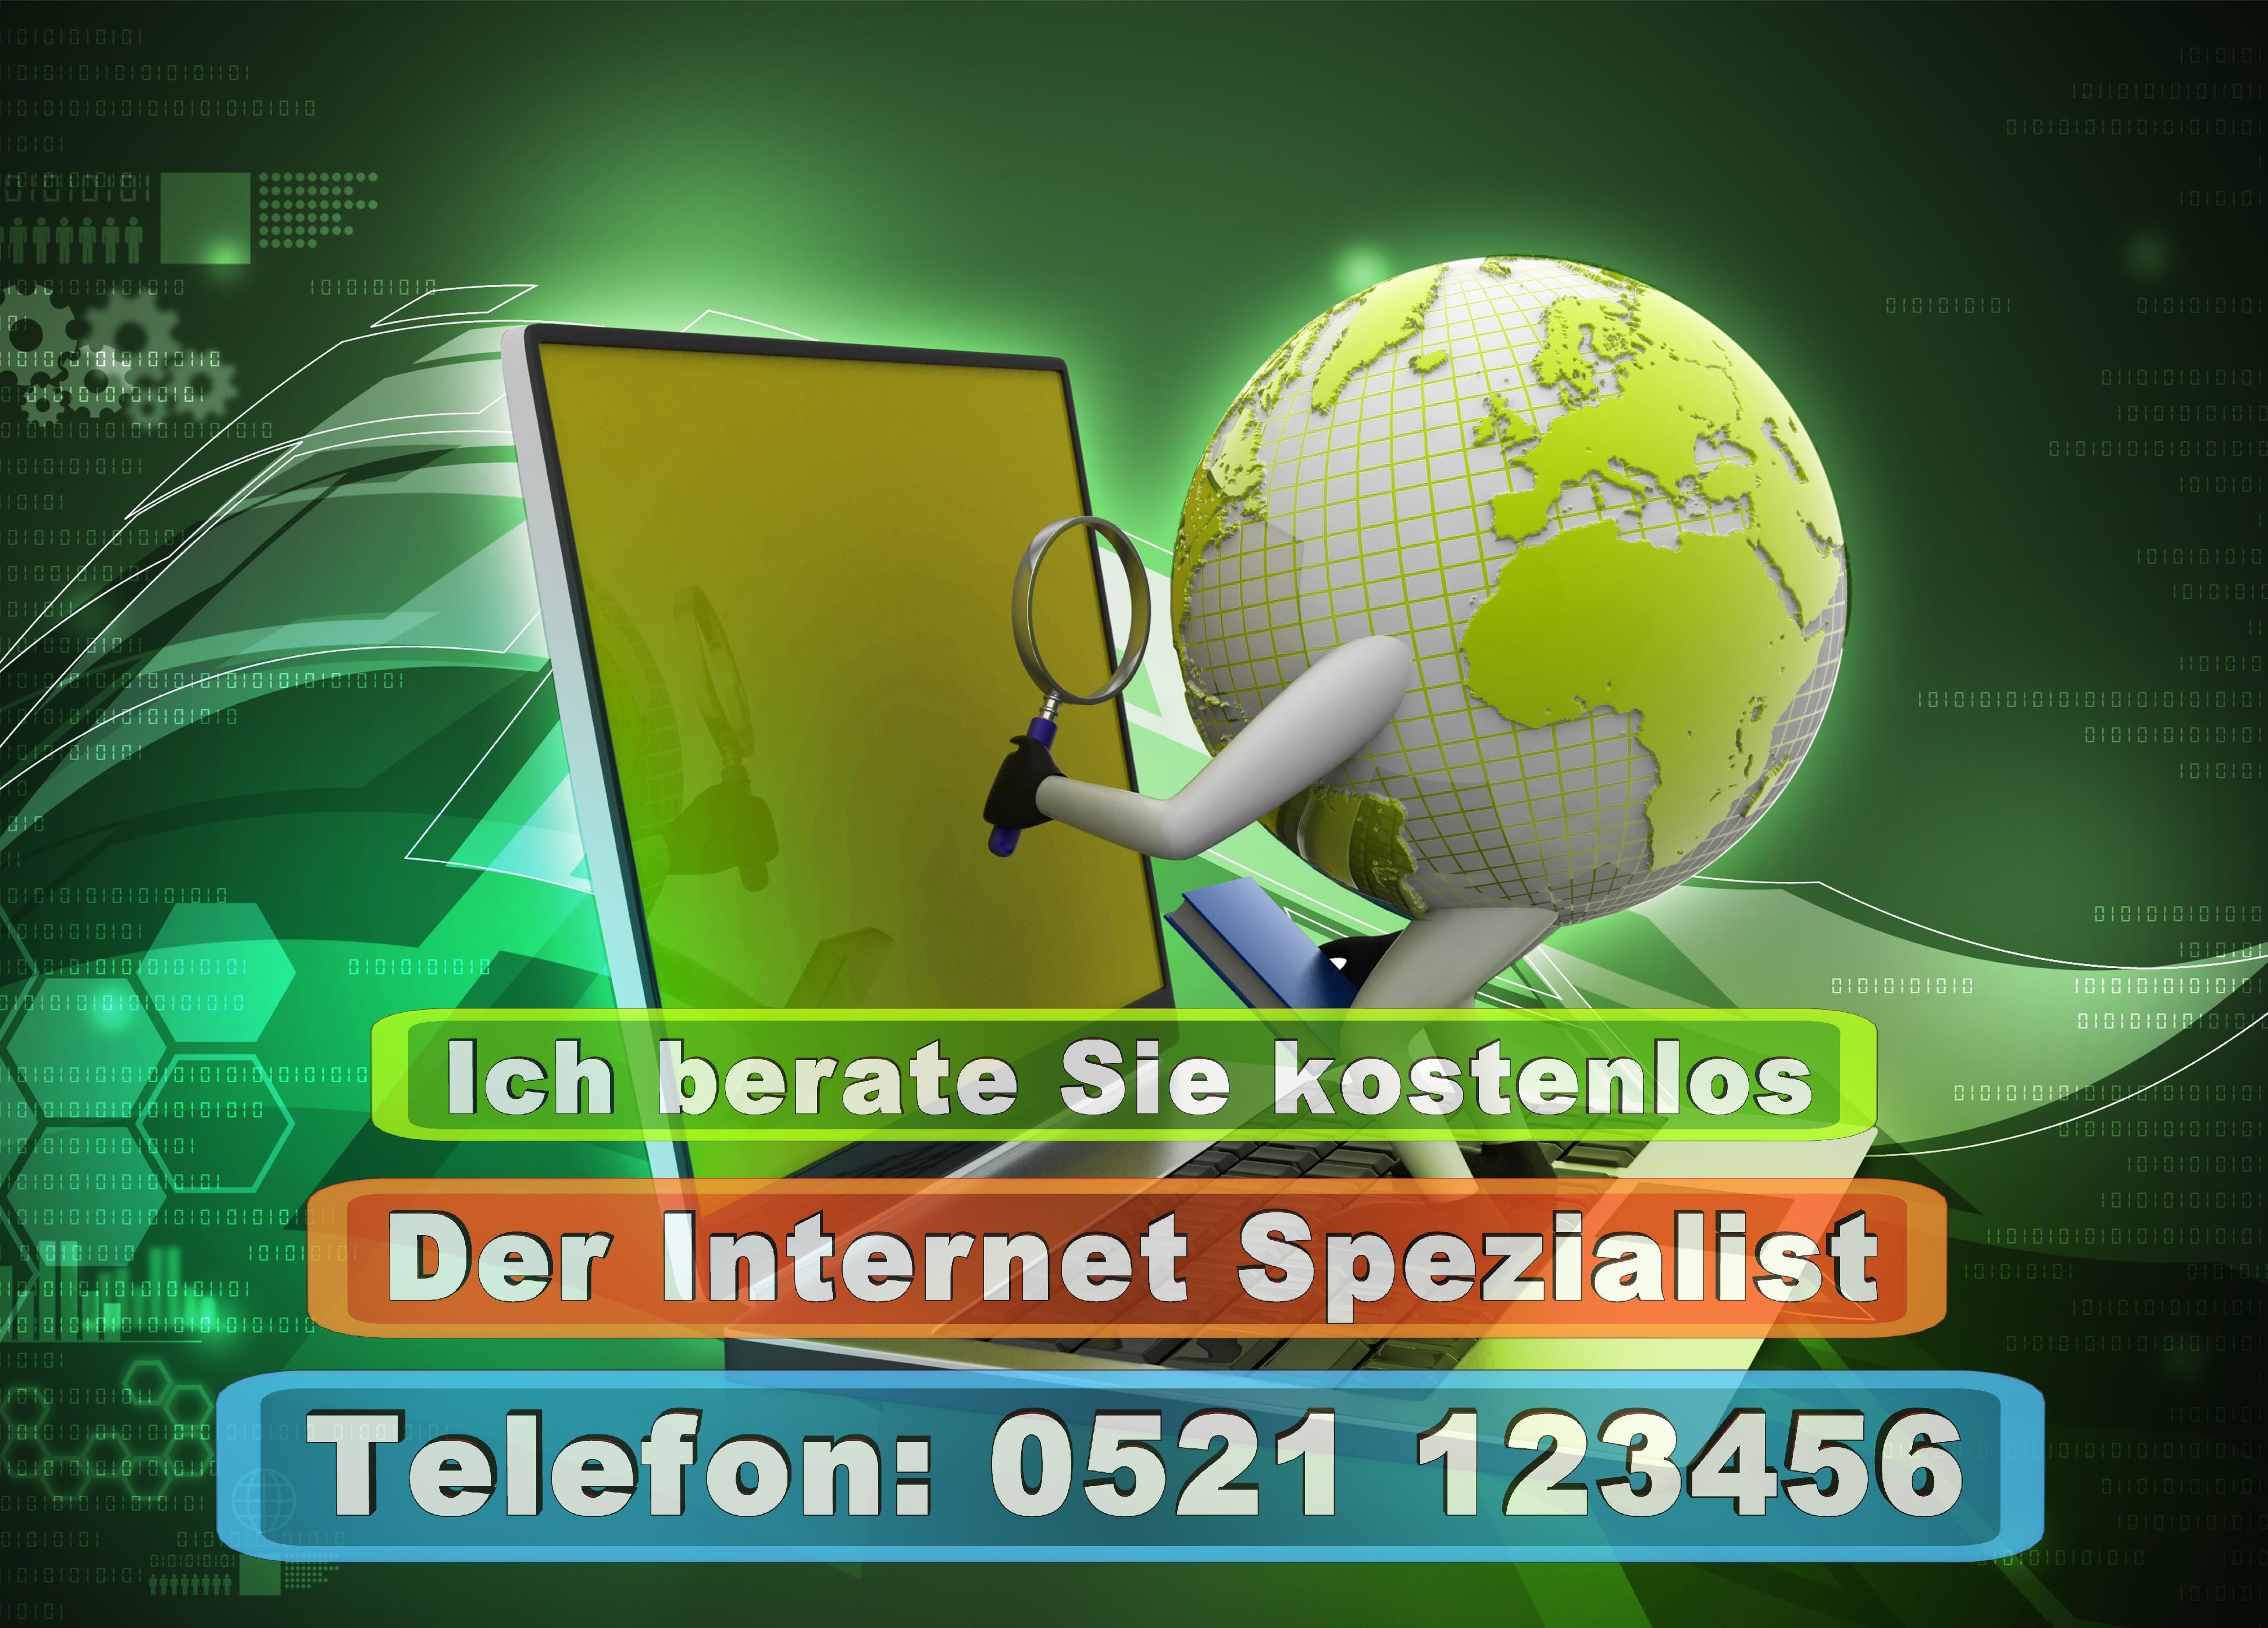 Werbeagentur Bielefeld Druckerei Bielefeld Prospekte Zeitung Visitenkarten Poster Werbung Print Presse Druck Fotografie Fotos Internet (34)